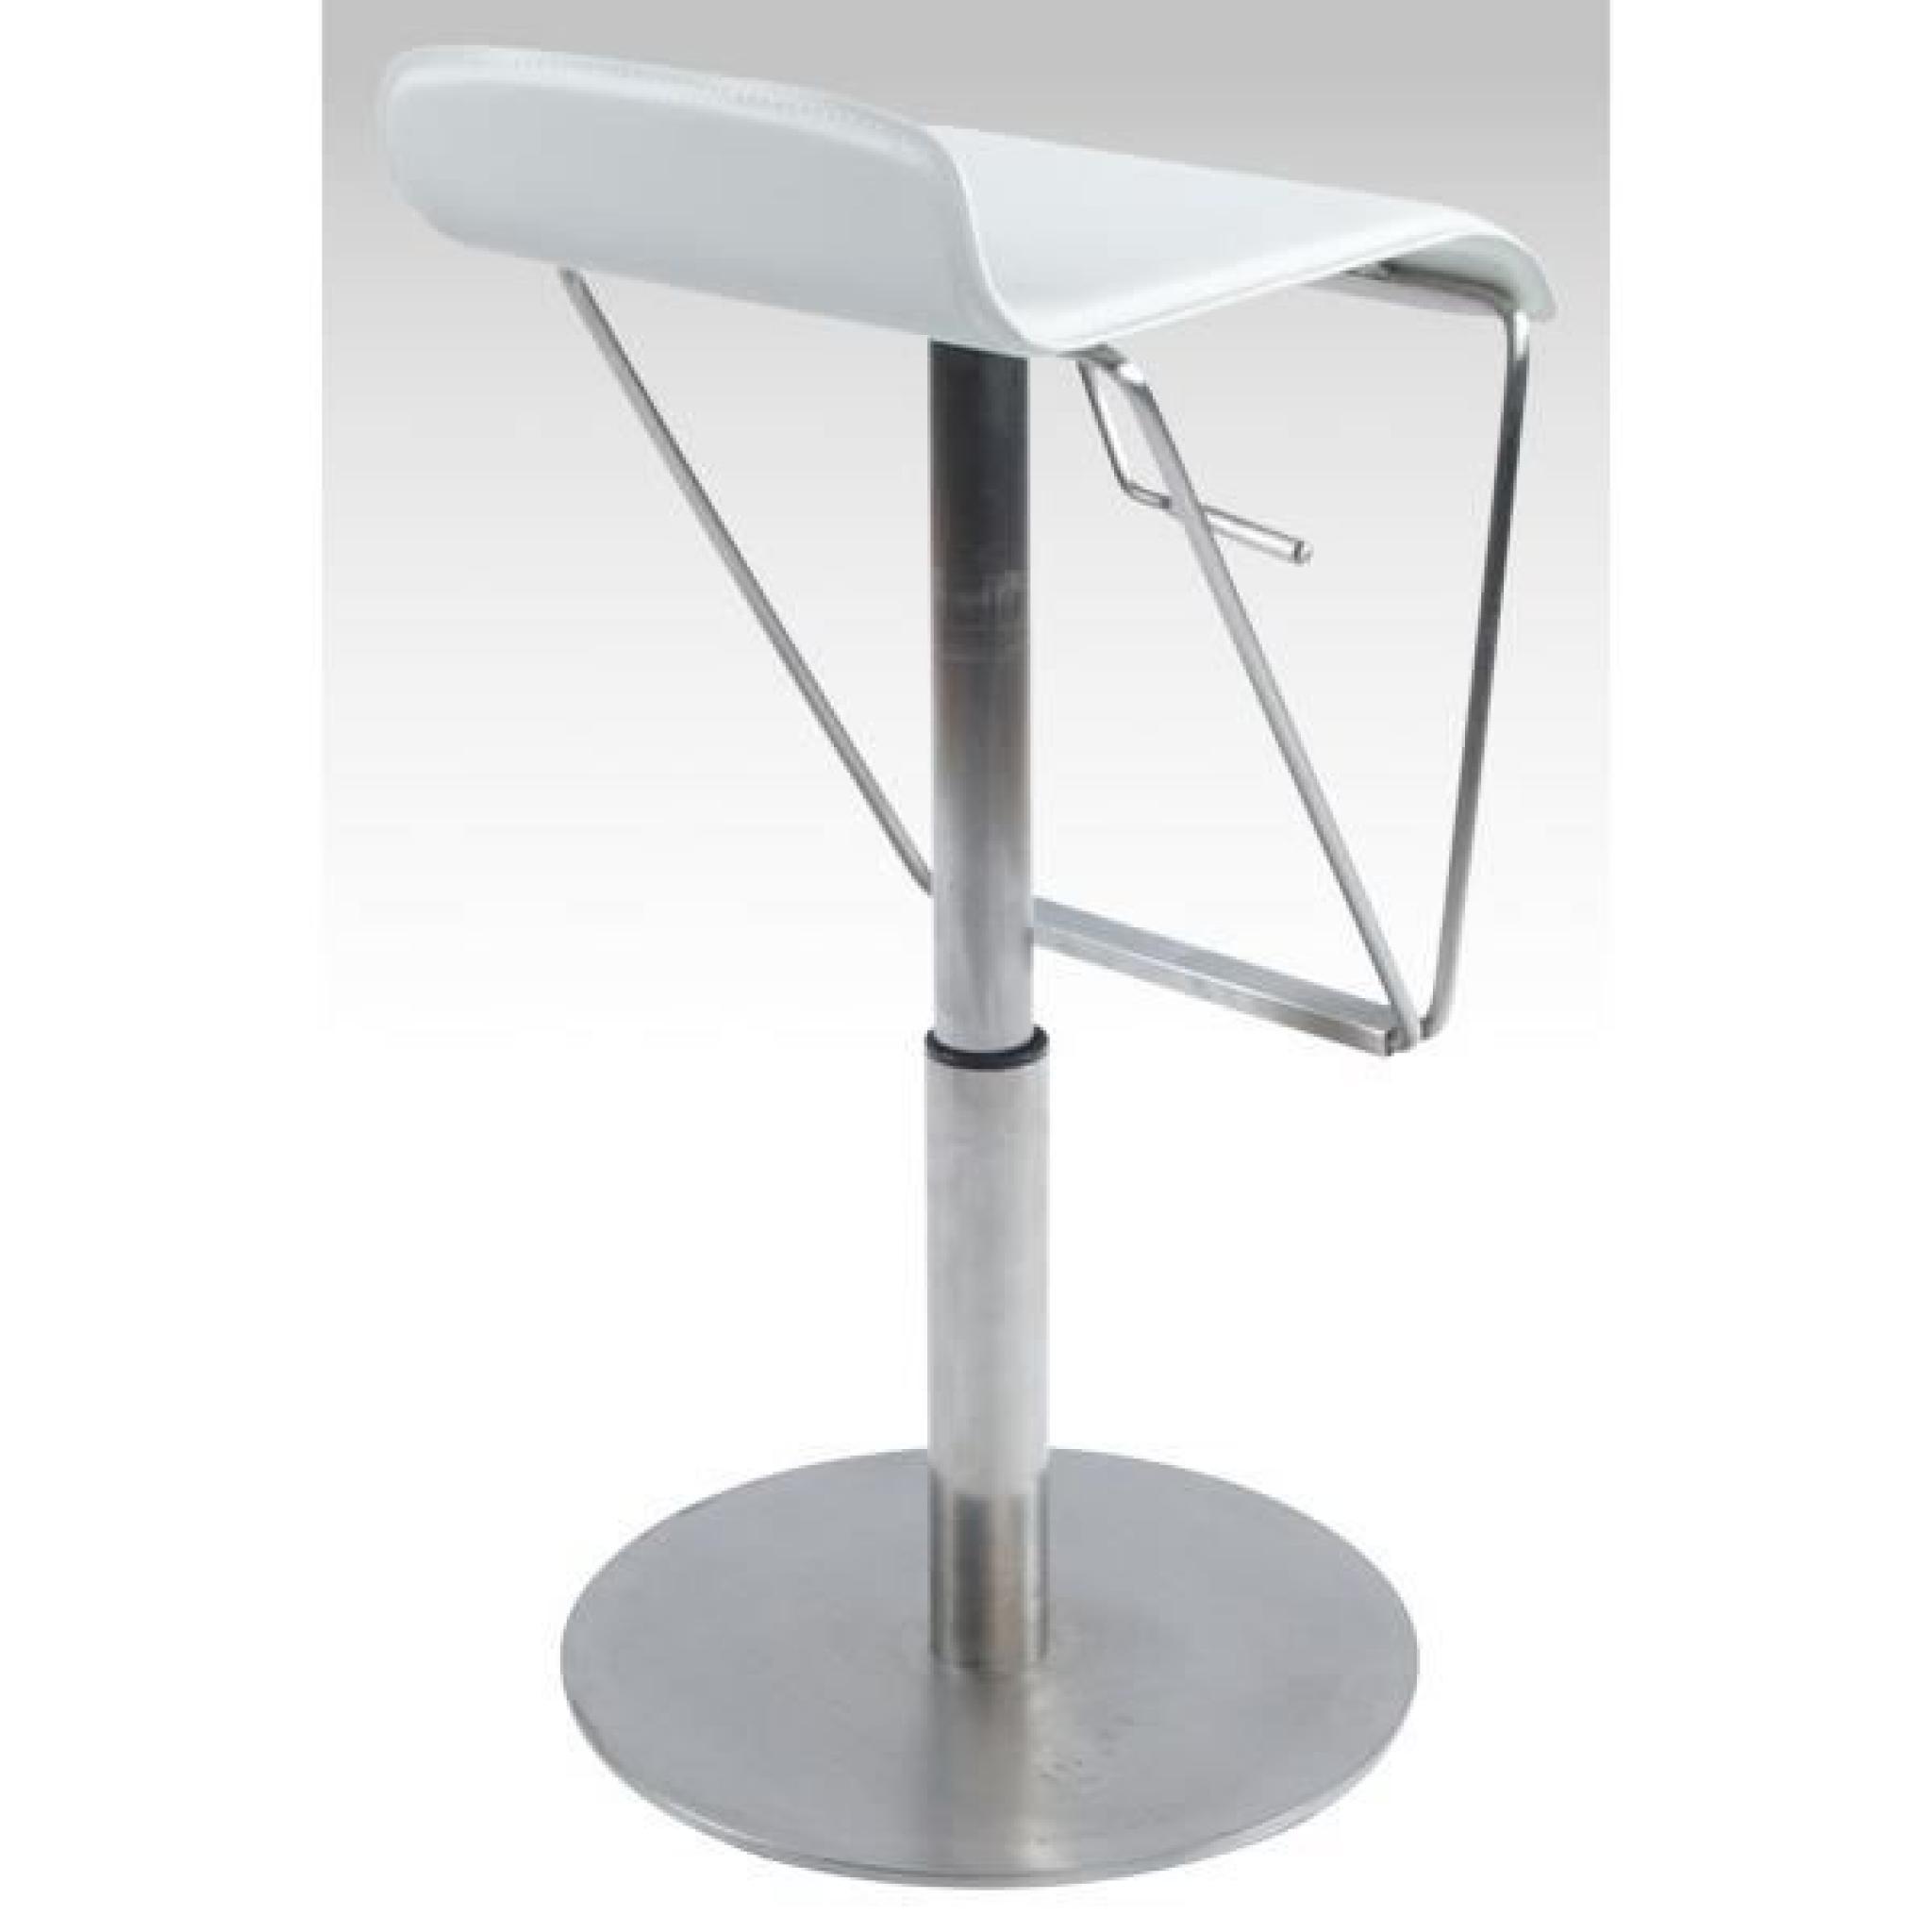 tabouret de bar design en polyur thane de coule achat vente tabouret de bar pas cher. Black Bedroom Furniture Sets. Home Design Ideas